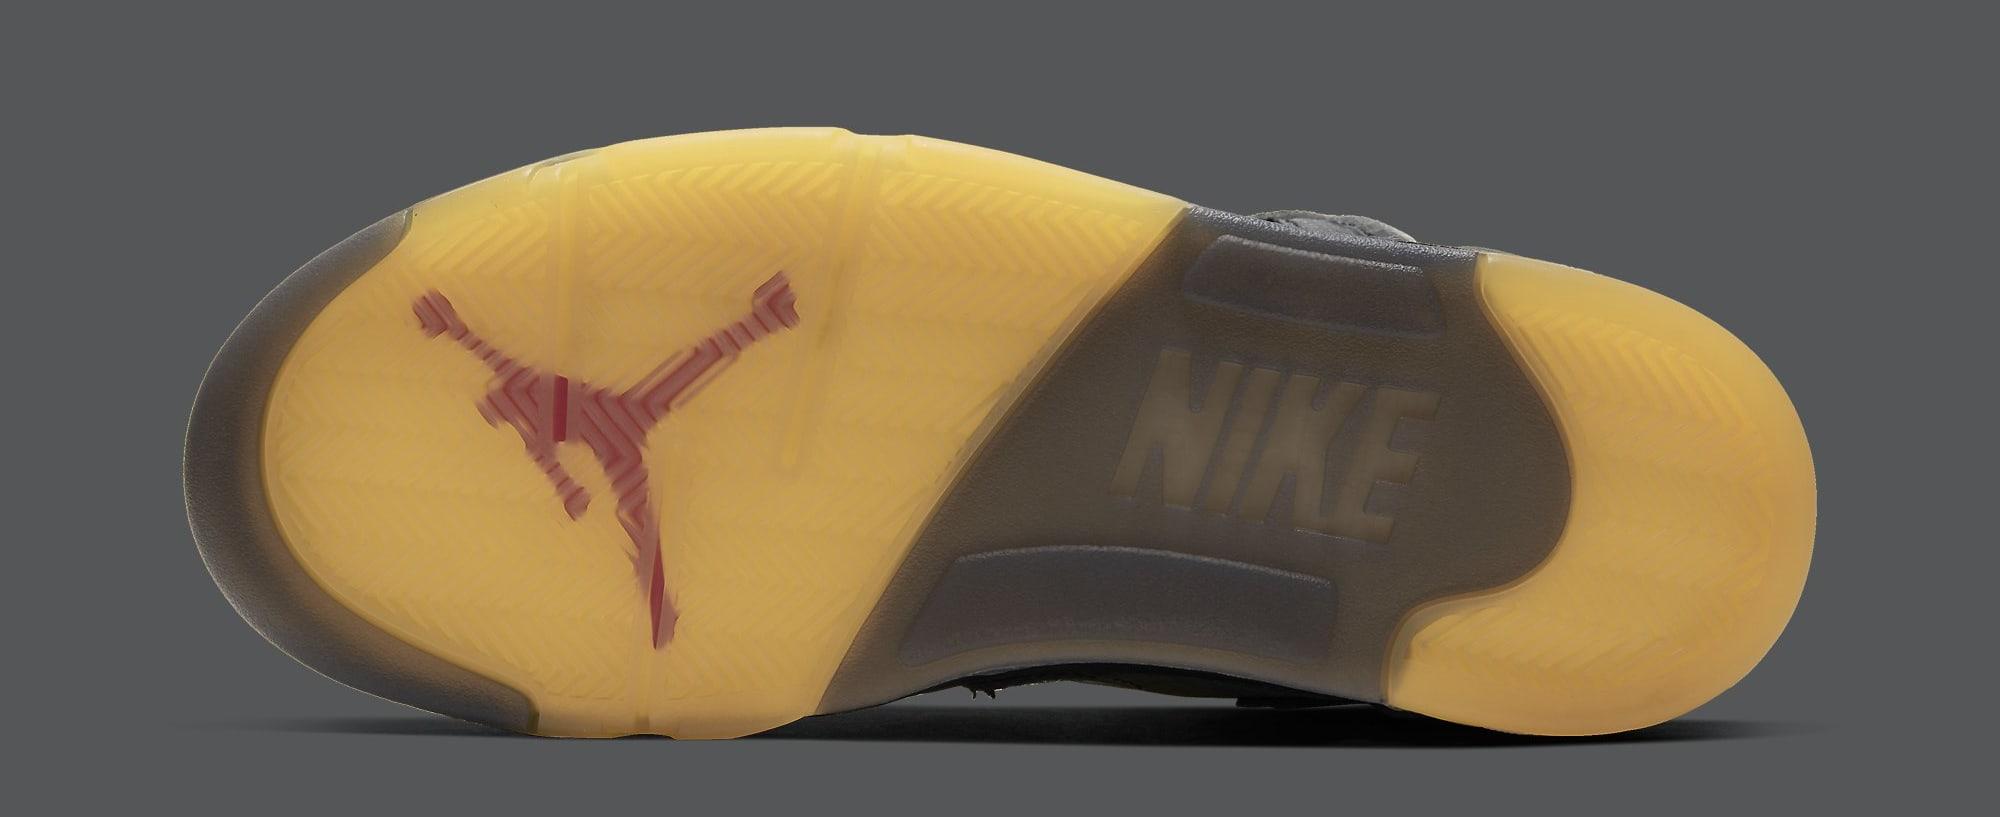 Off-White x Air Jordan 5 CT8480-001 (Sole)